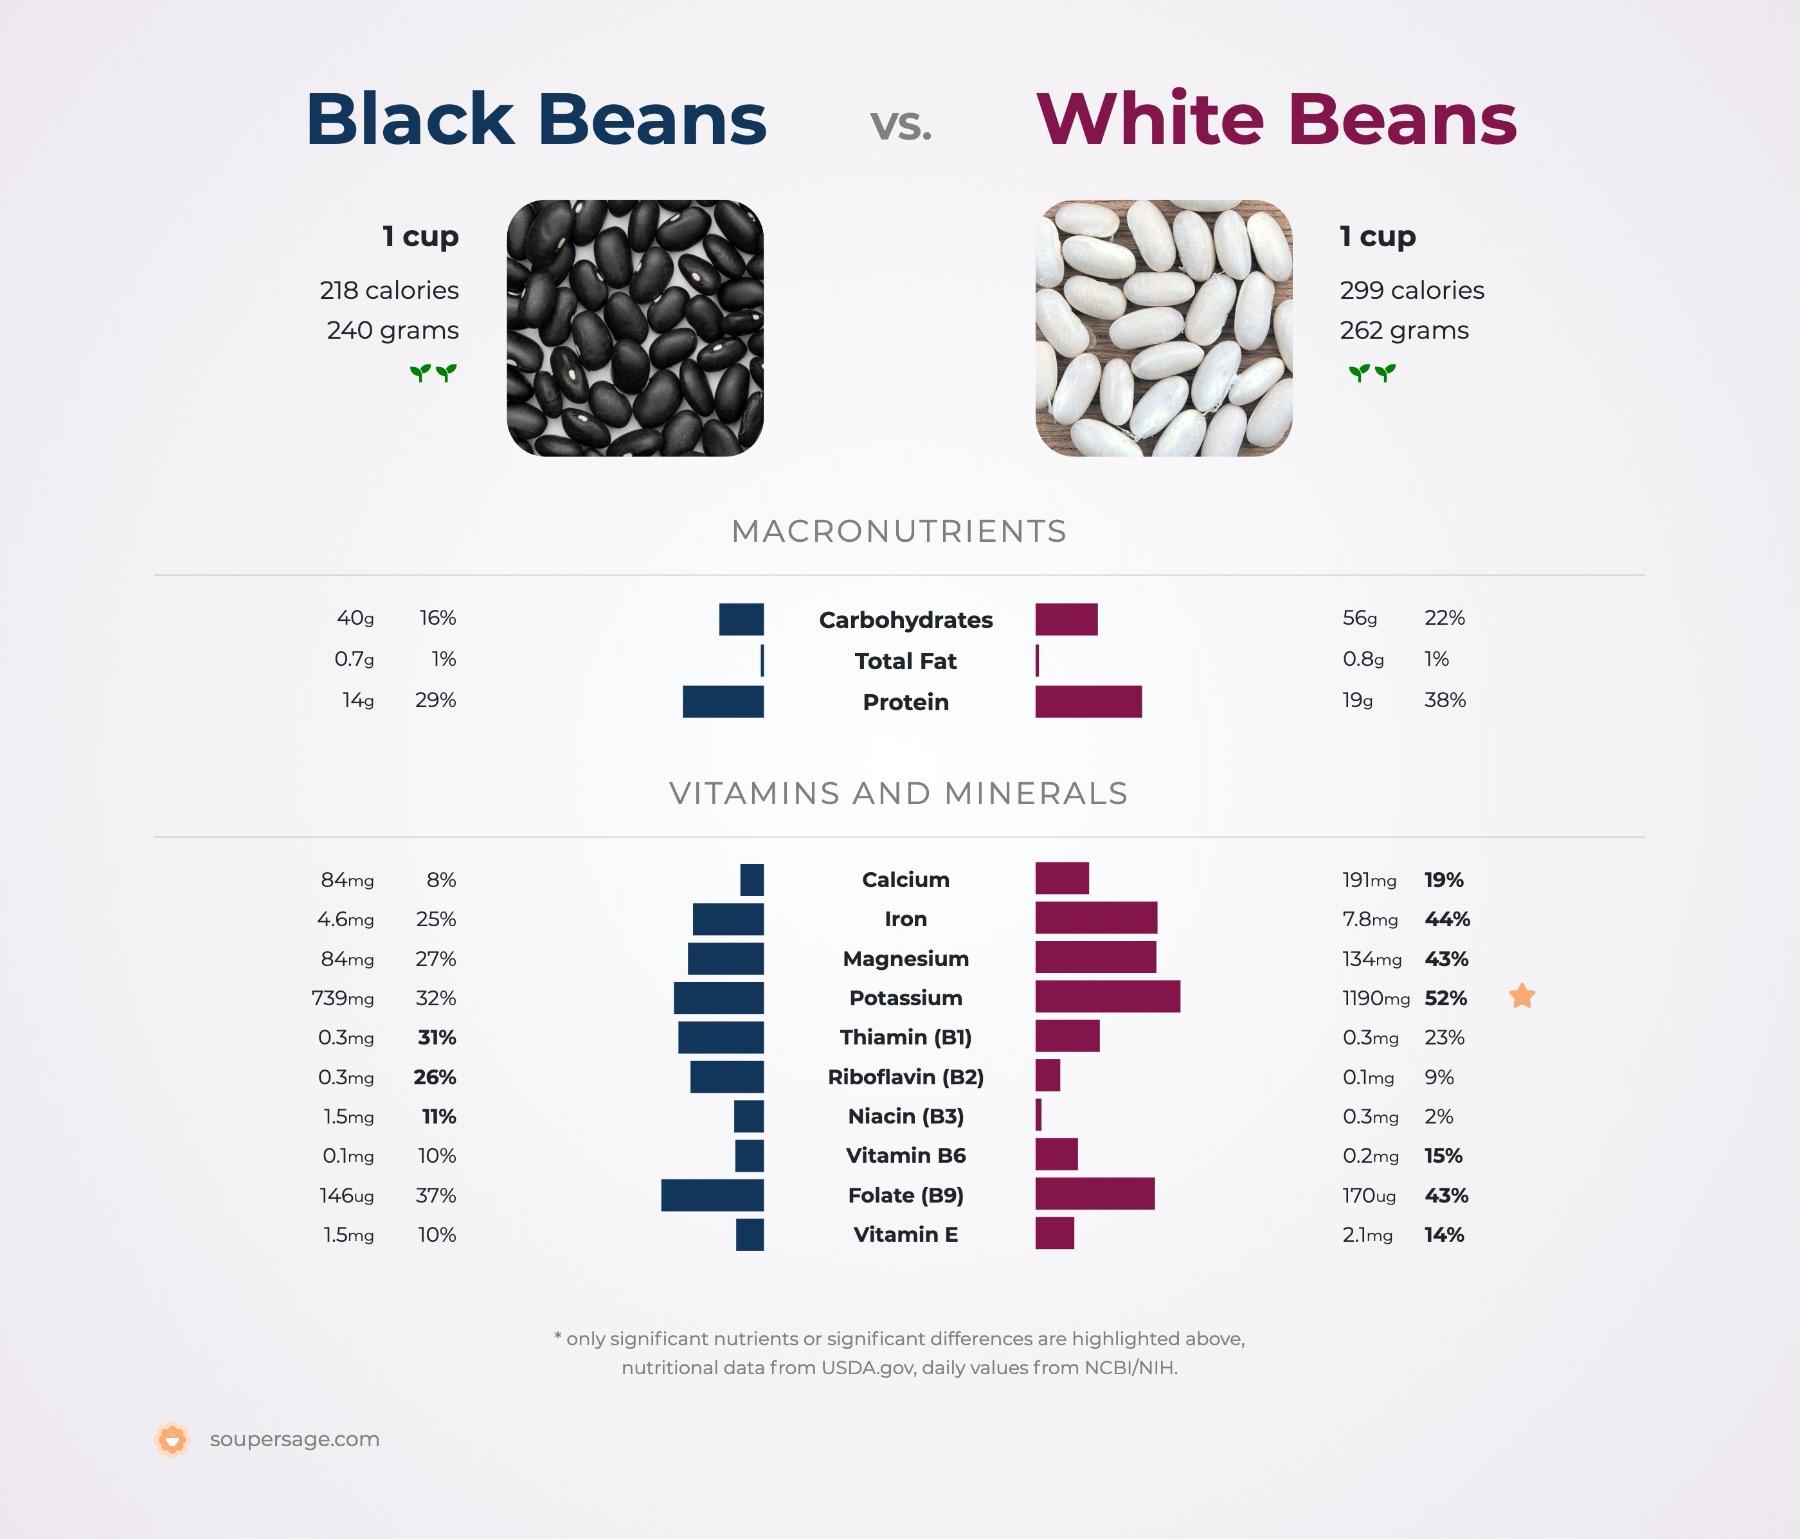 nutrition comparison of black beans vs. white beans